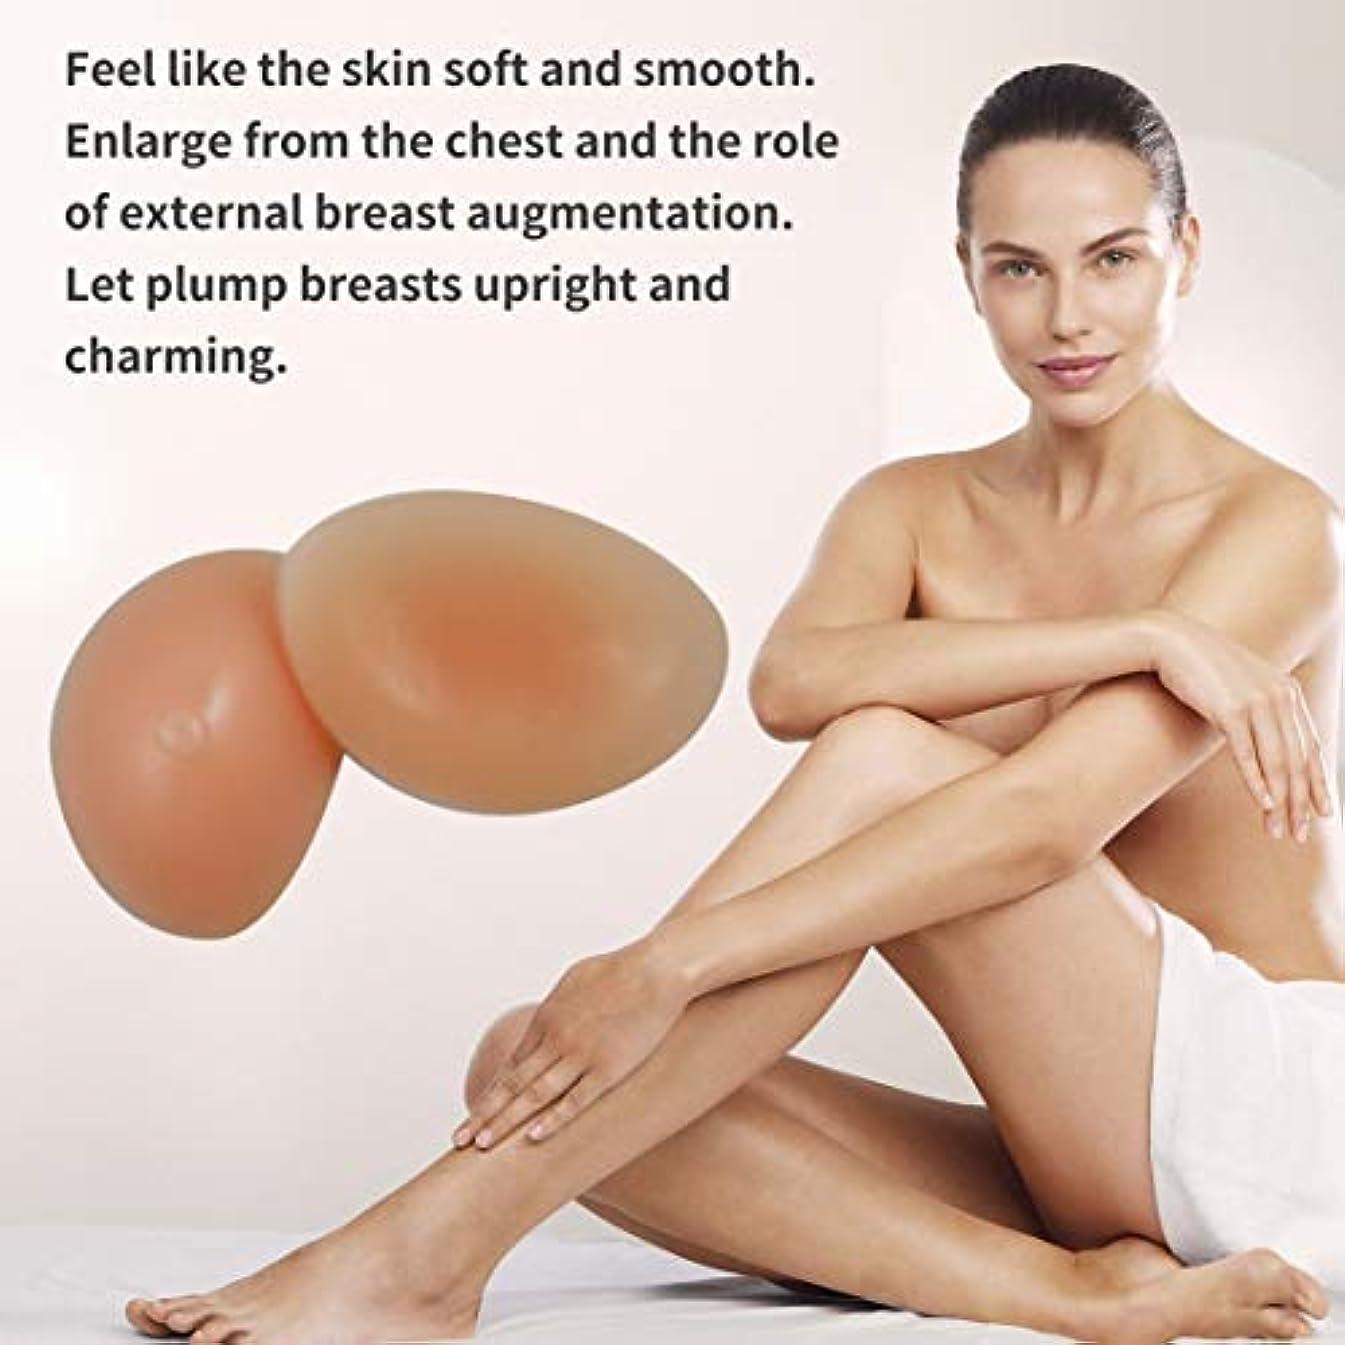 アサー製作満員シリコーンフォーム偽乳房エンハンサープッシュアップパッドブースターブラインサート人工乳房リアルな防水シリコーン乳房フォーム